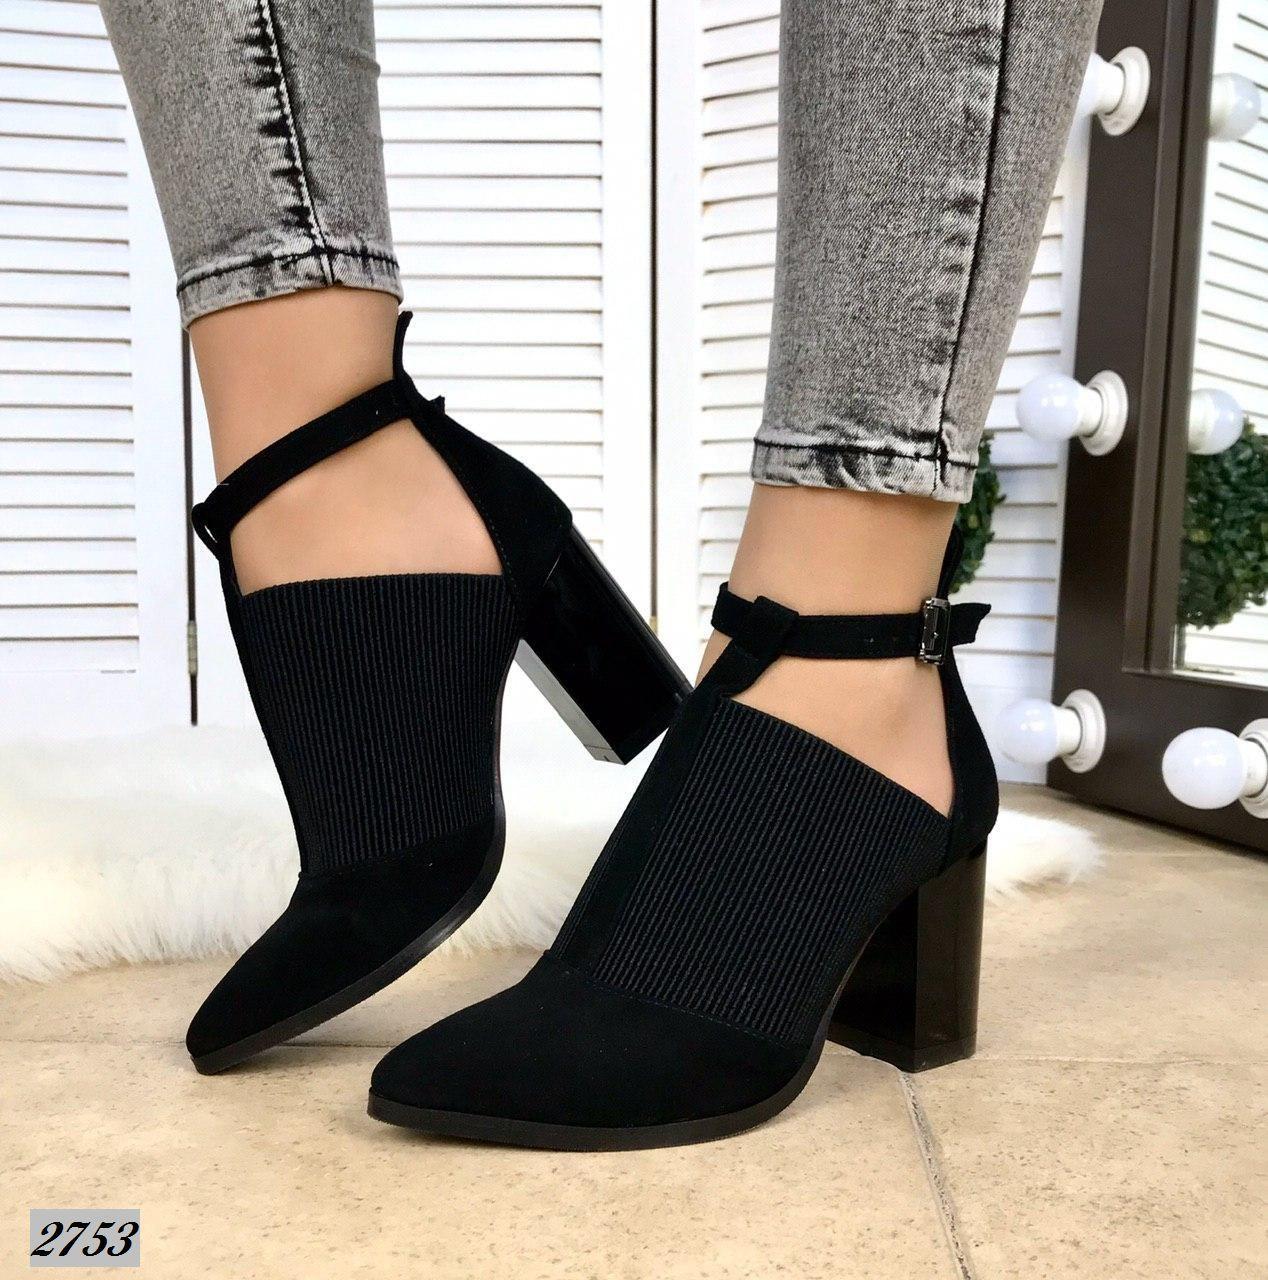 Закрытые туфли с острым носиком и стрейчевой резиночкой. Размер 36